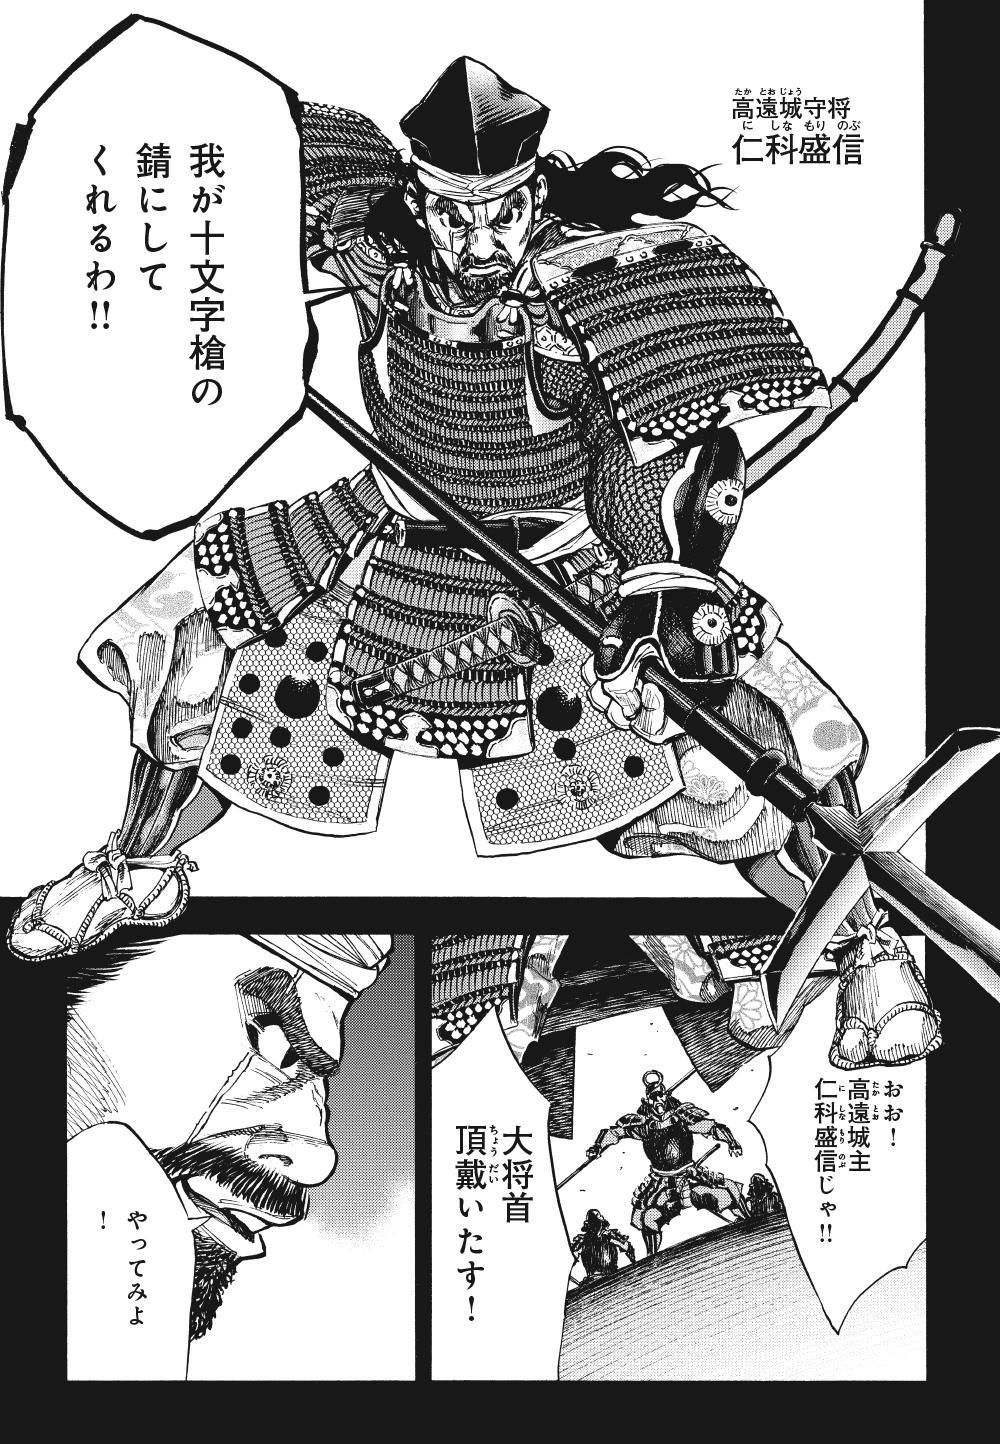 真田太平記 第2話「万死一生」sanada06-11.jpg